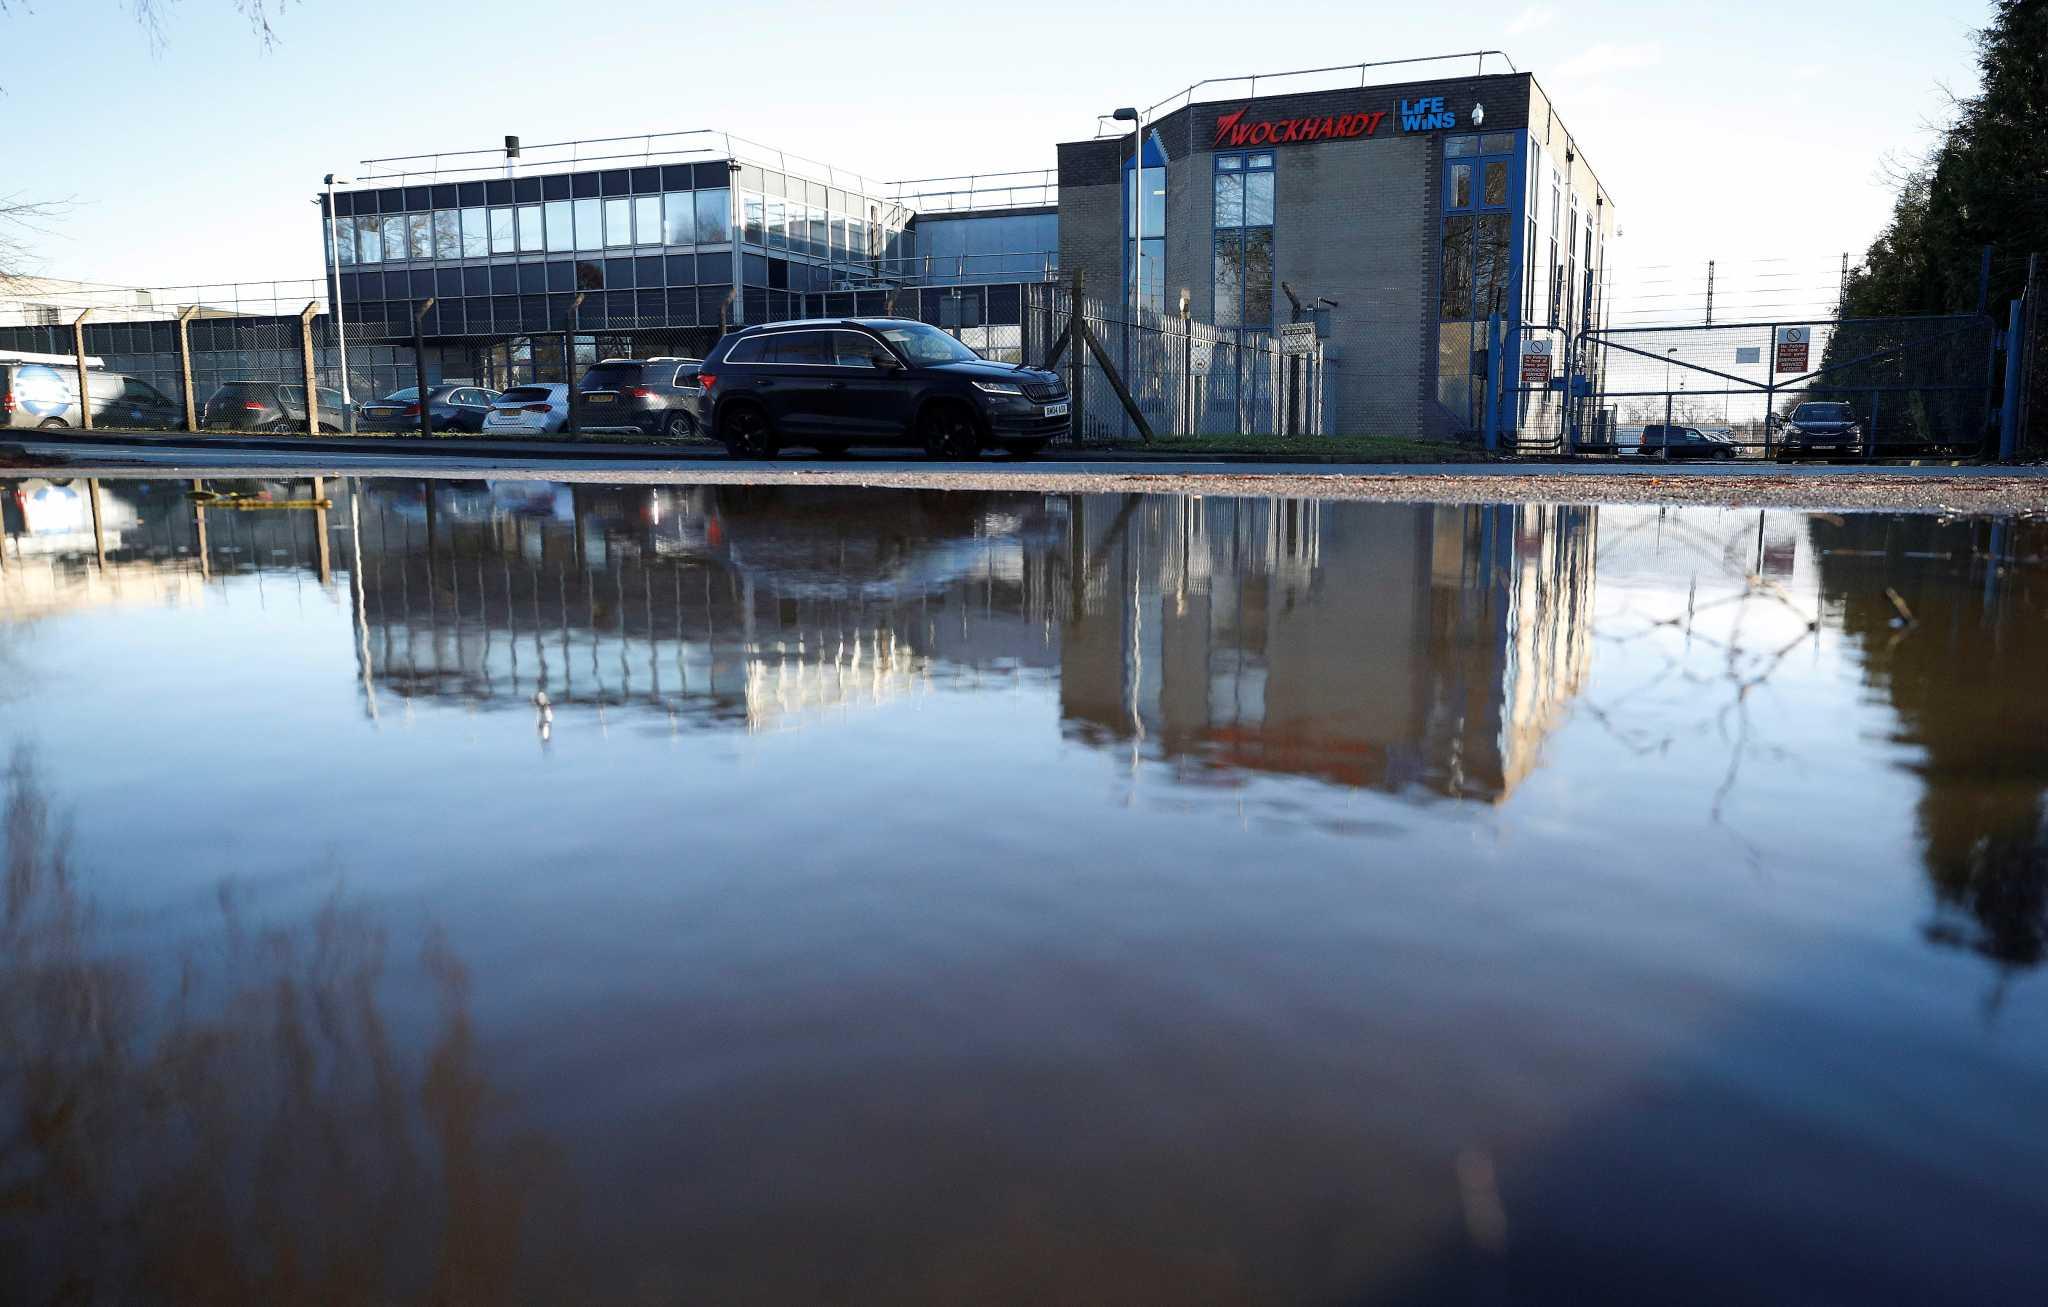 Βρετανία: Κατηγορίες σε βάρος 53χρονου που έστειλε ύποπτο πακέτο σε εργοστάσιο της AstraZeneca